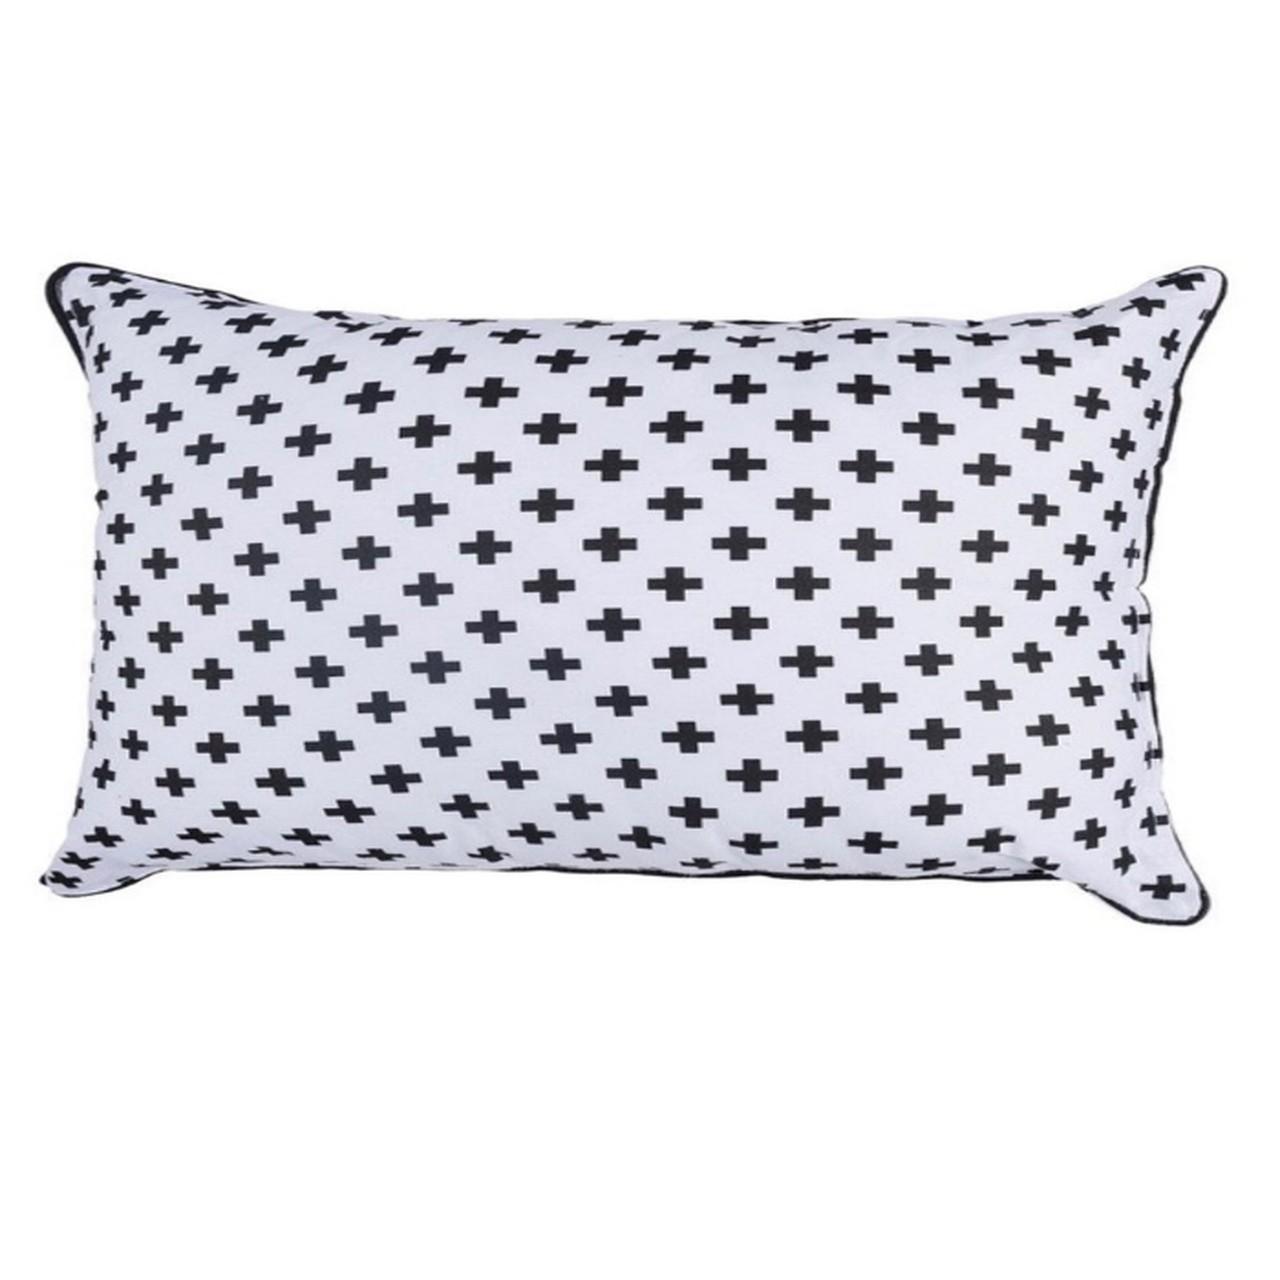 Almofada cabeceira Cruz Preta 35 X 57 cm 100% algodão